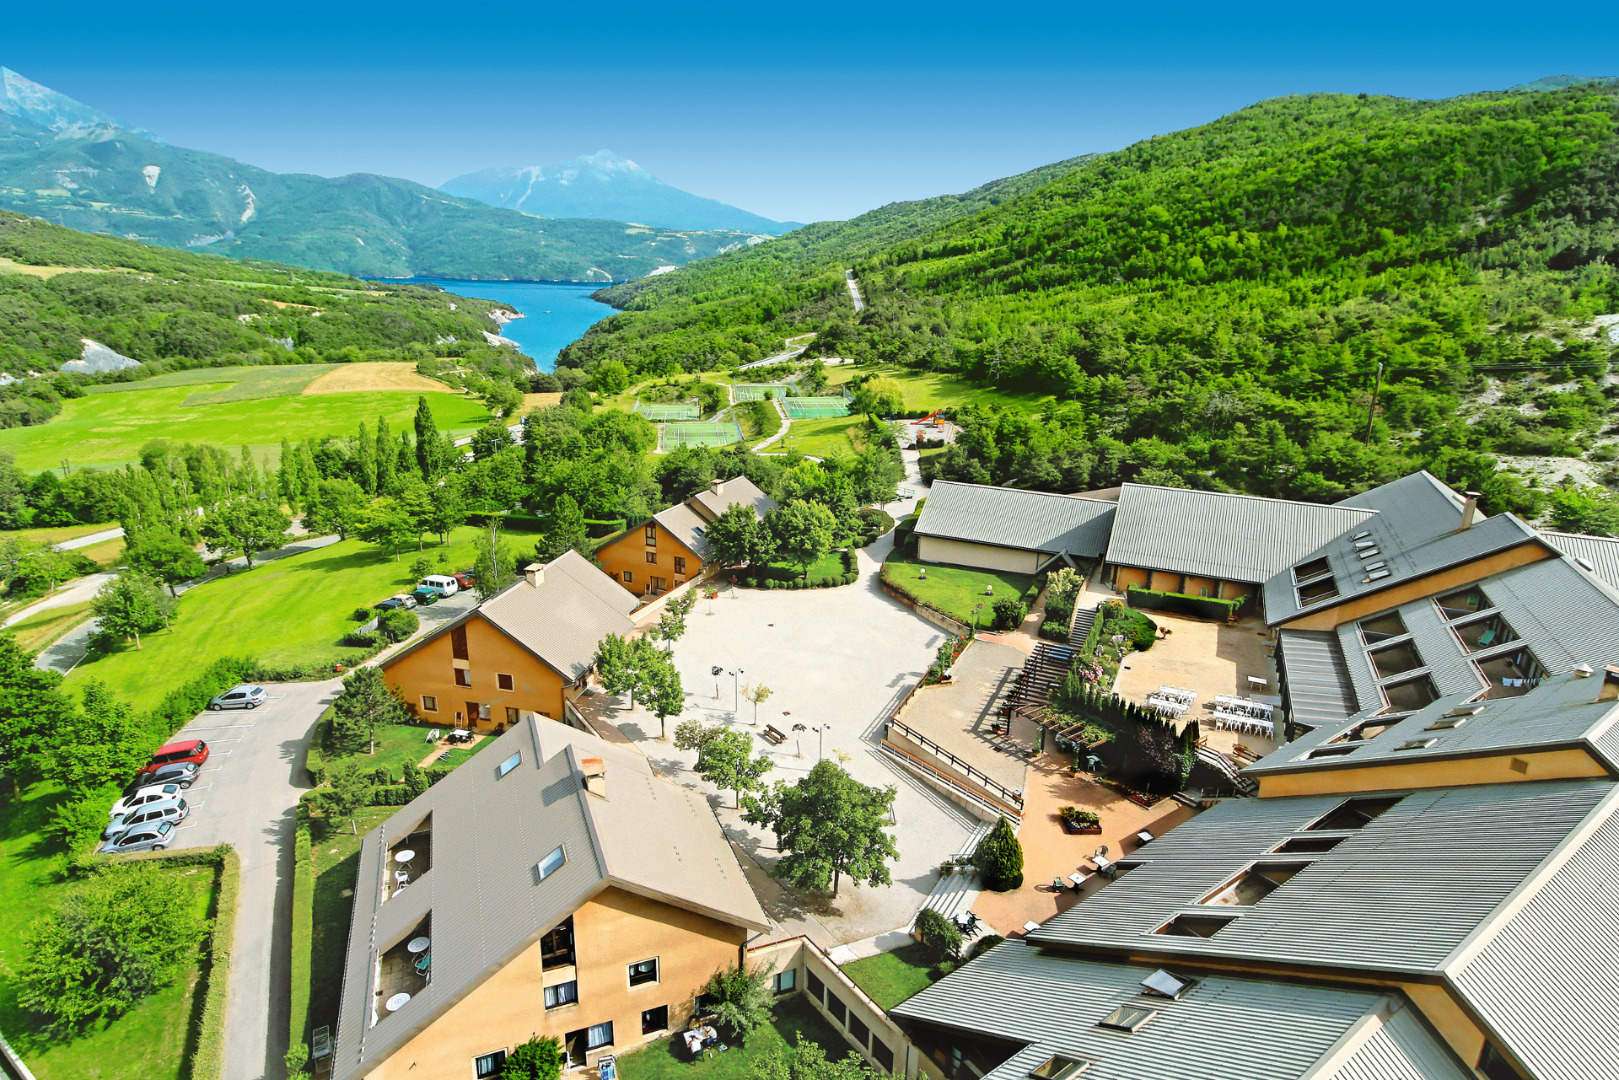 Hôtel vacances bleues - serre du villard à Chorges